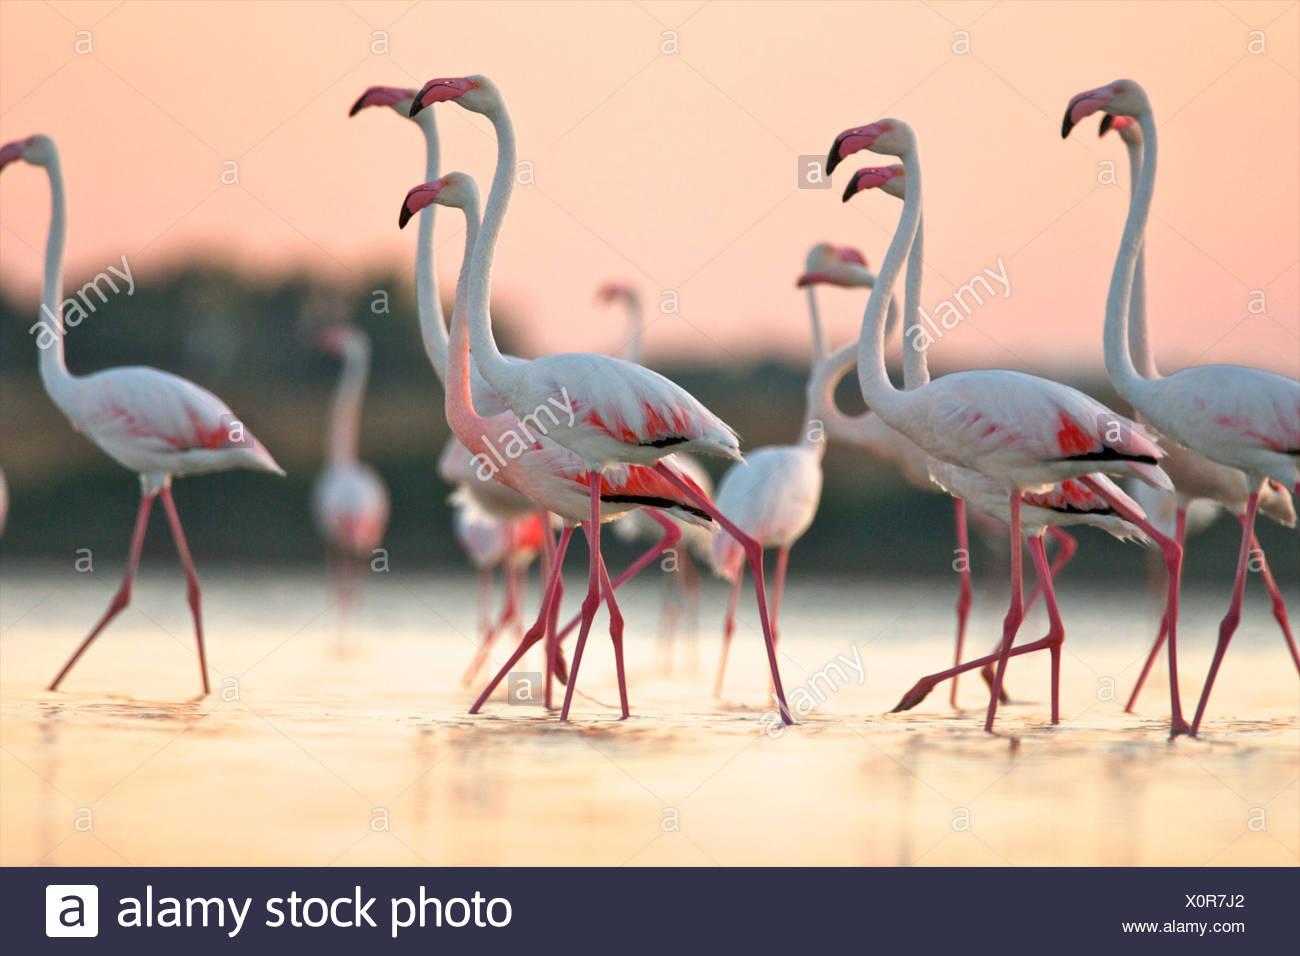 Gruppo di fenicotteri rosa all'alba, regione di Oristano in Sardegna, Italia Immagini Stock